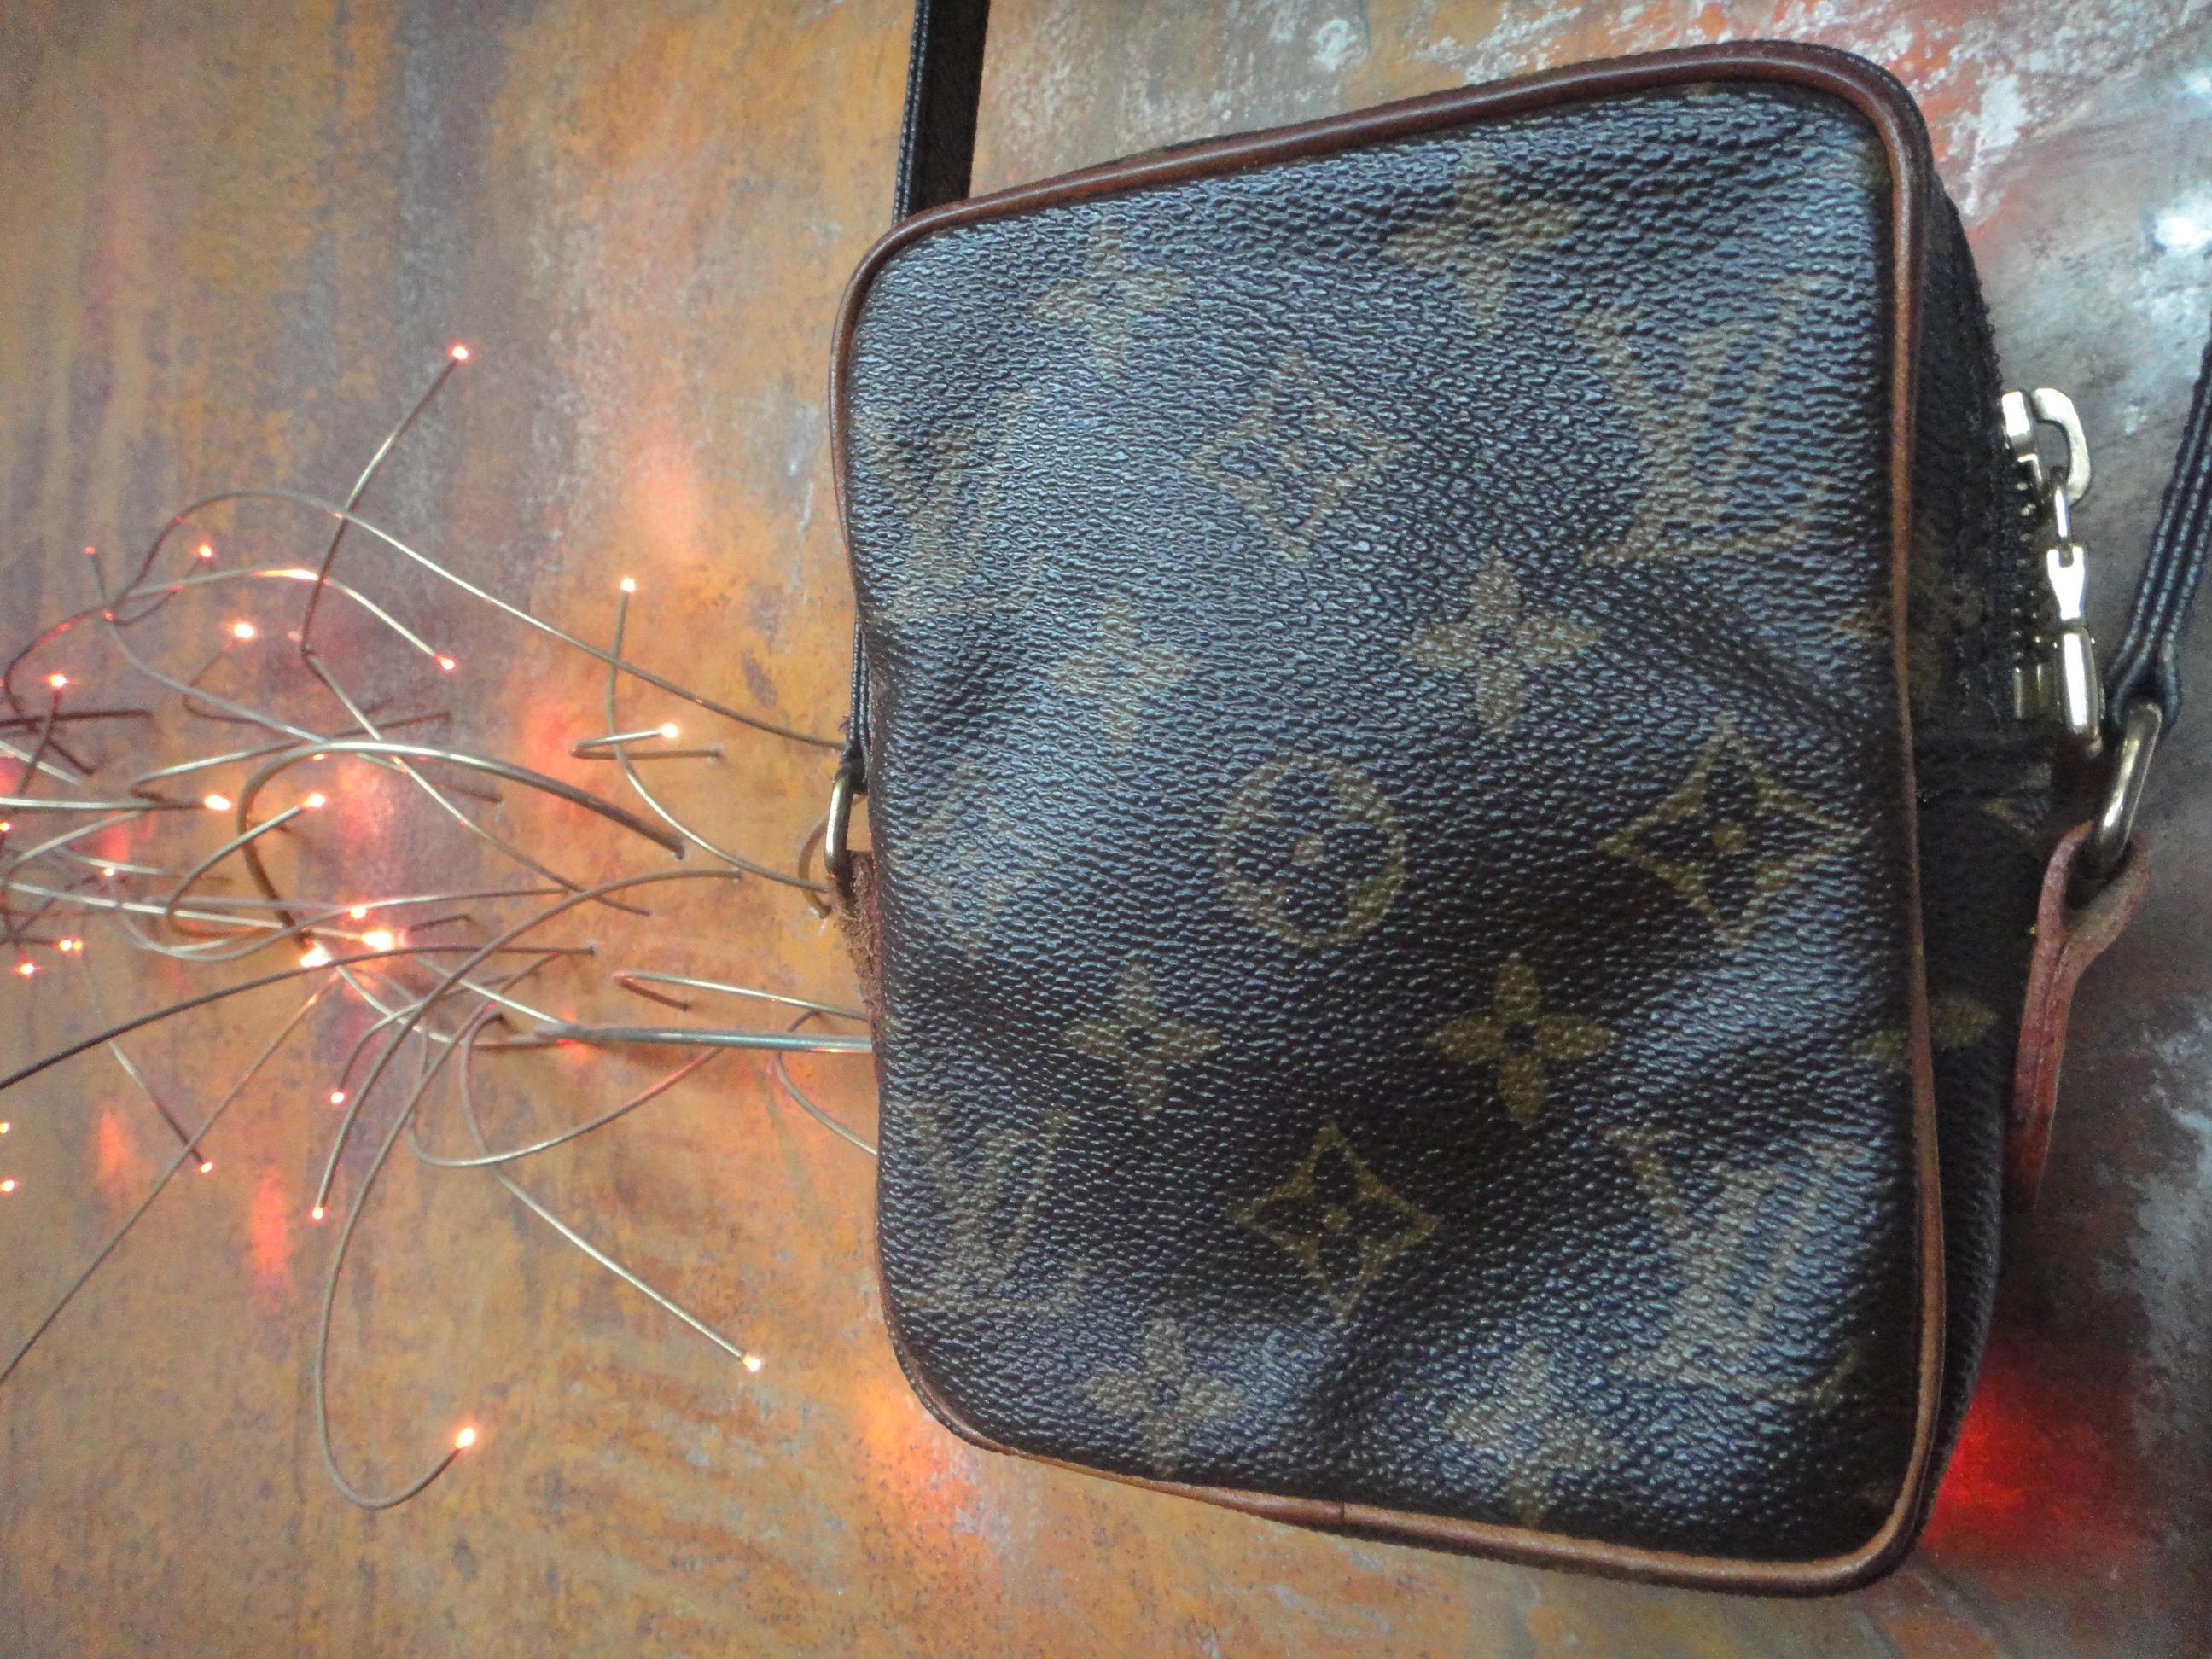 Louis Vuitton DANUBE           Rust picture by artist REKLA / Rostbild des Künstlers REKLA